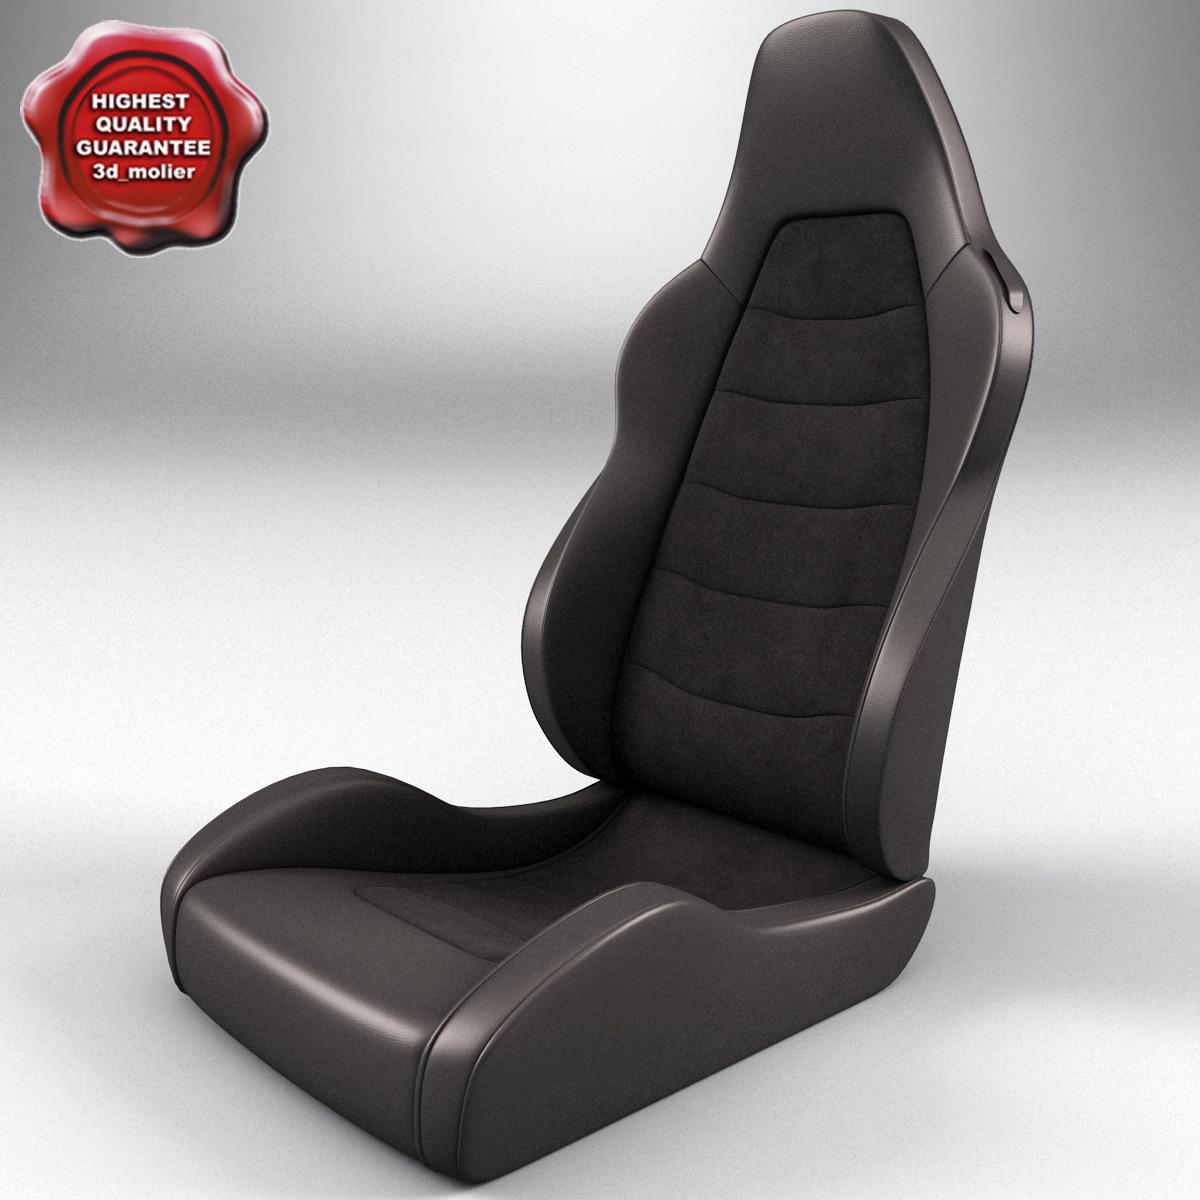 Auto_Seat_V2_00.jpg